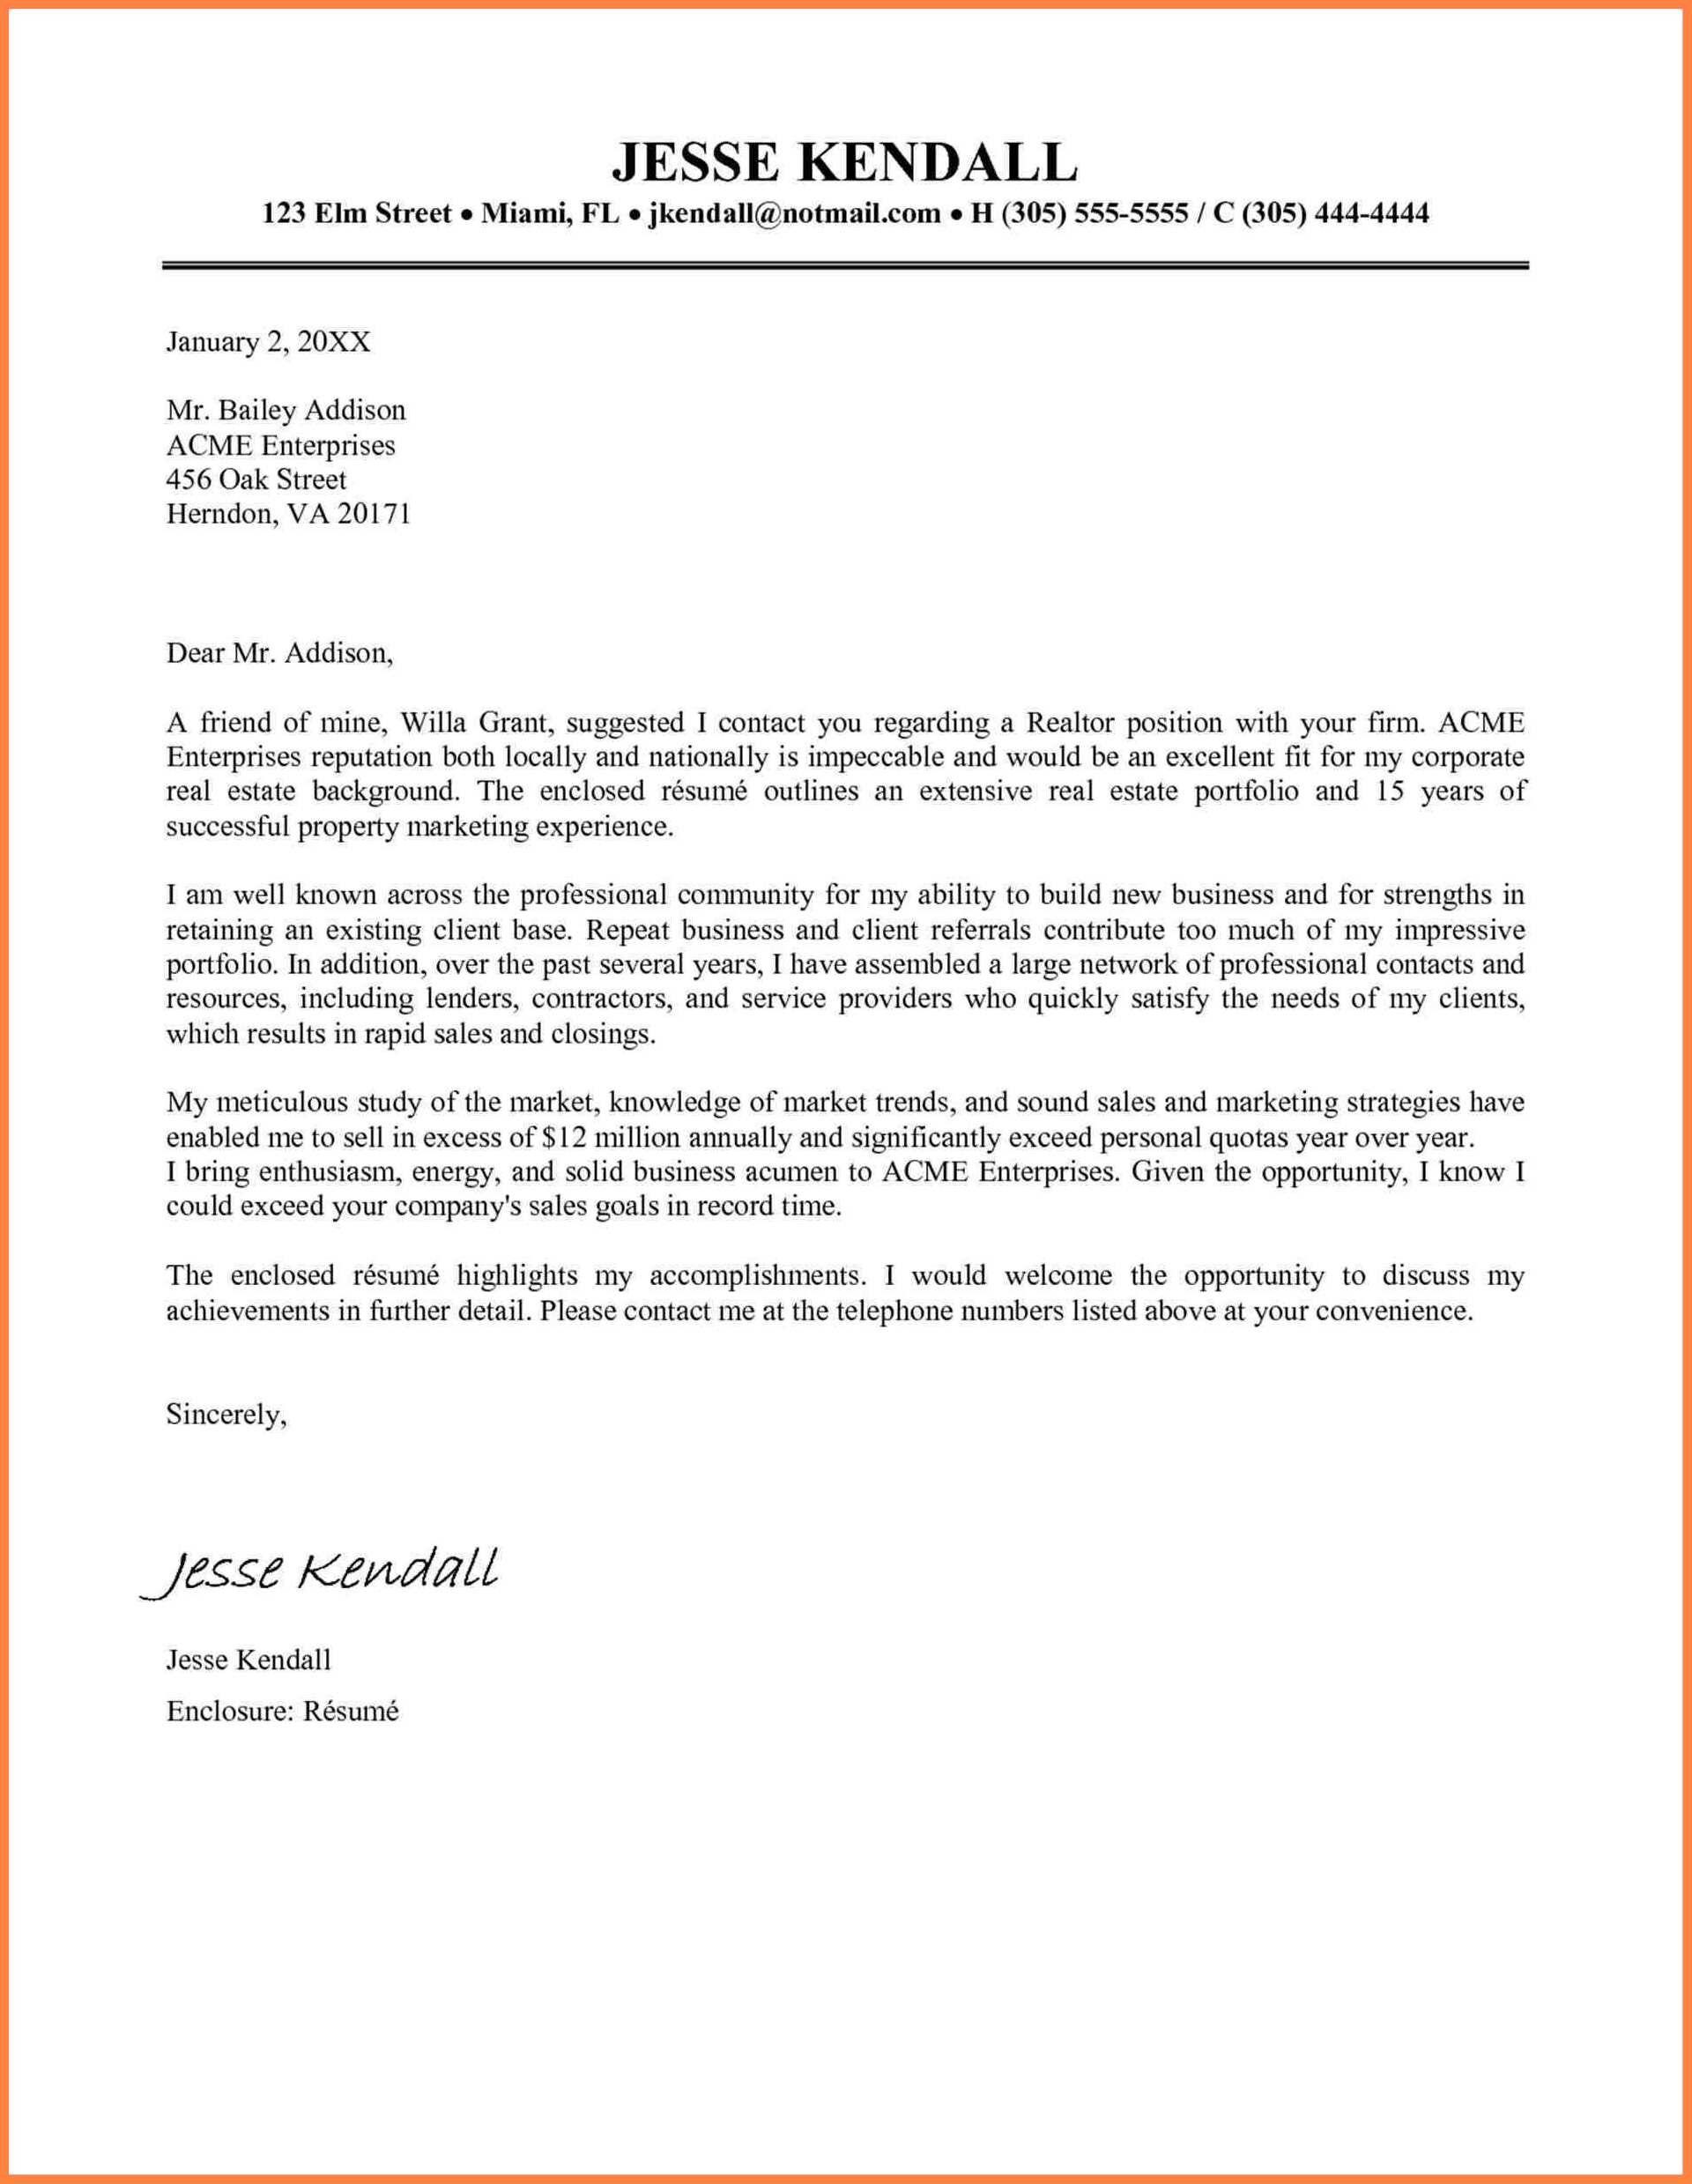 Sample Real Estate Offer Letter  Sales Intro Letter With Regard To Real Estate Offer Letter Template